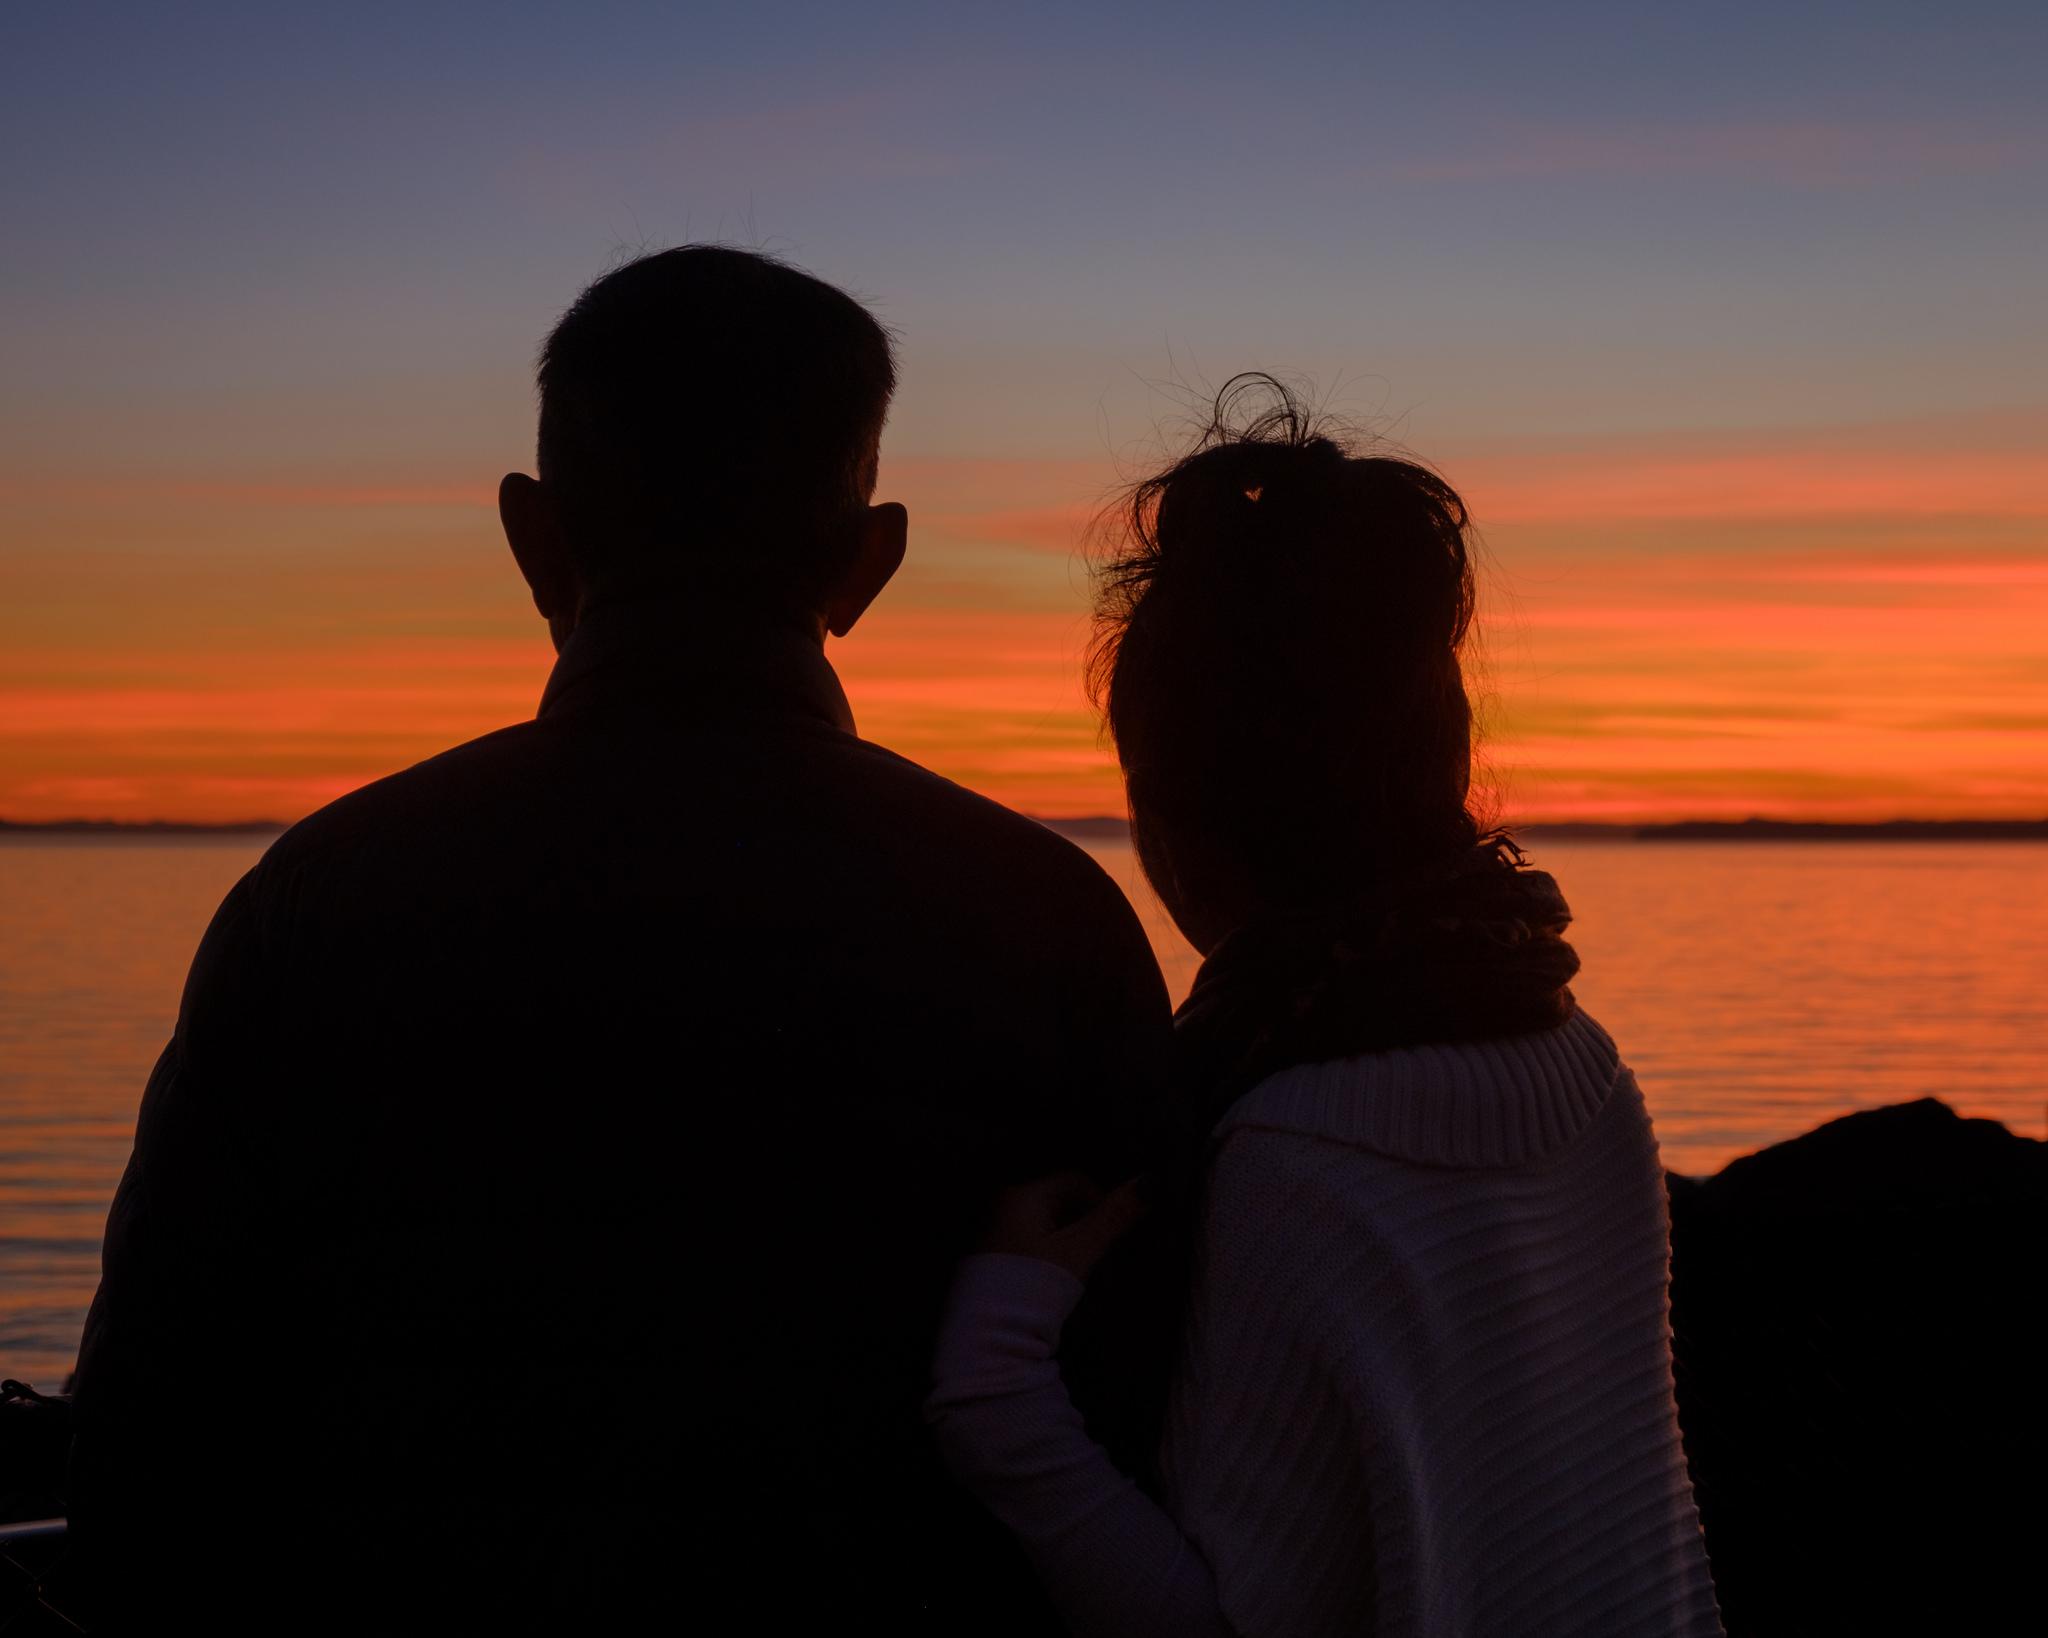 far og datter, far, datter, familie, kærlighed